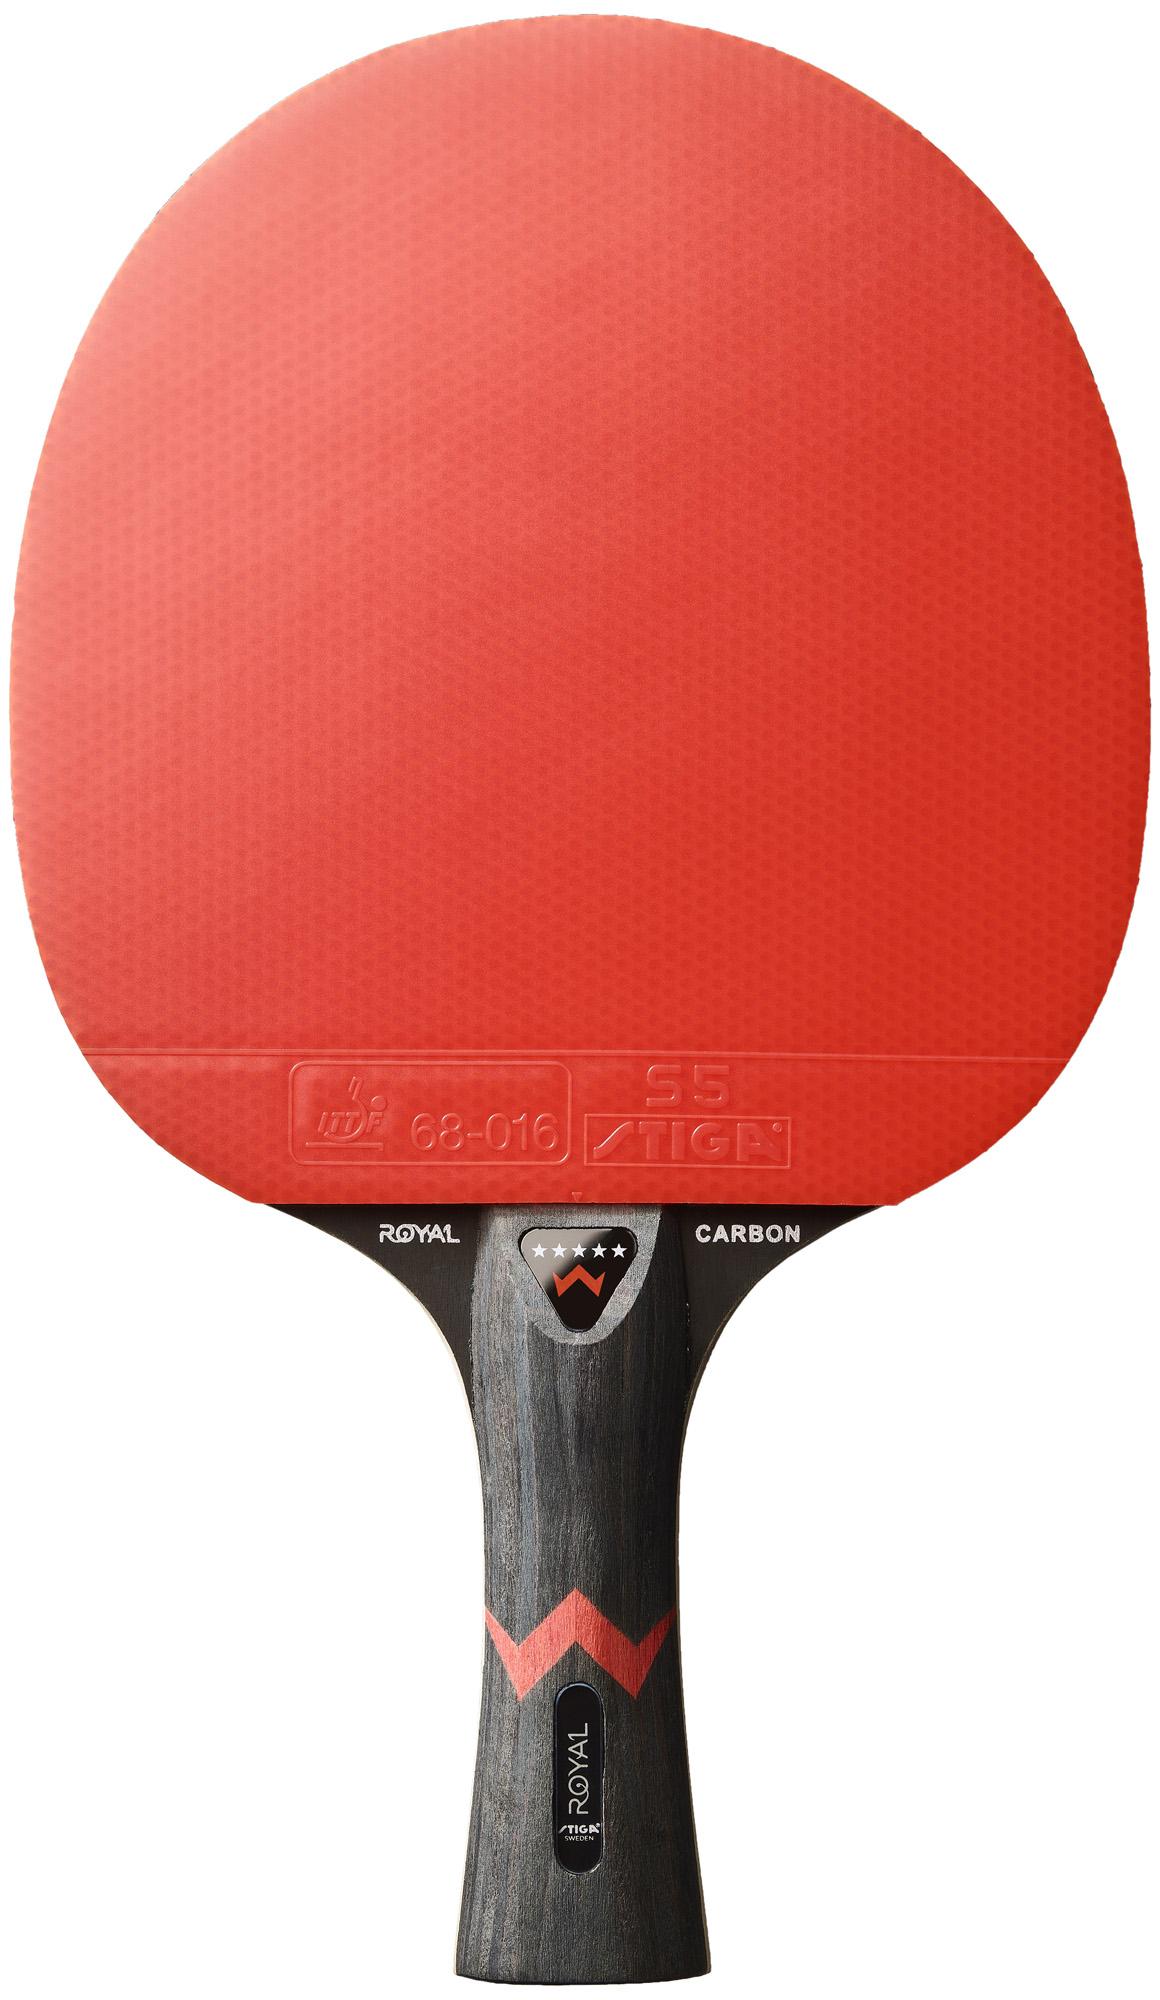 Stiga Ракетка для настольного тенниса Stiga ROYAL 5-star CARBON все цены